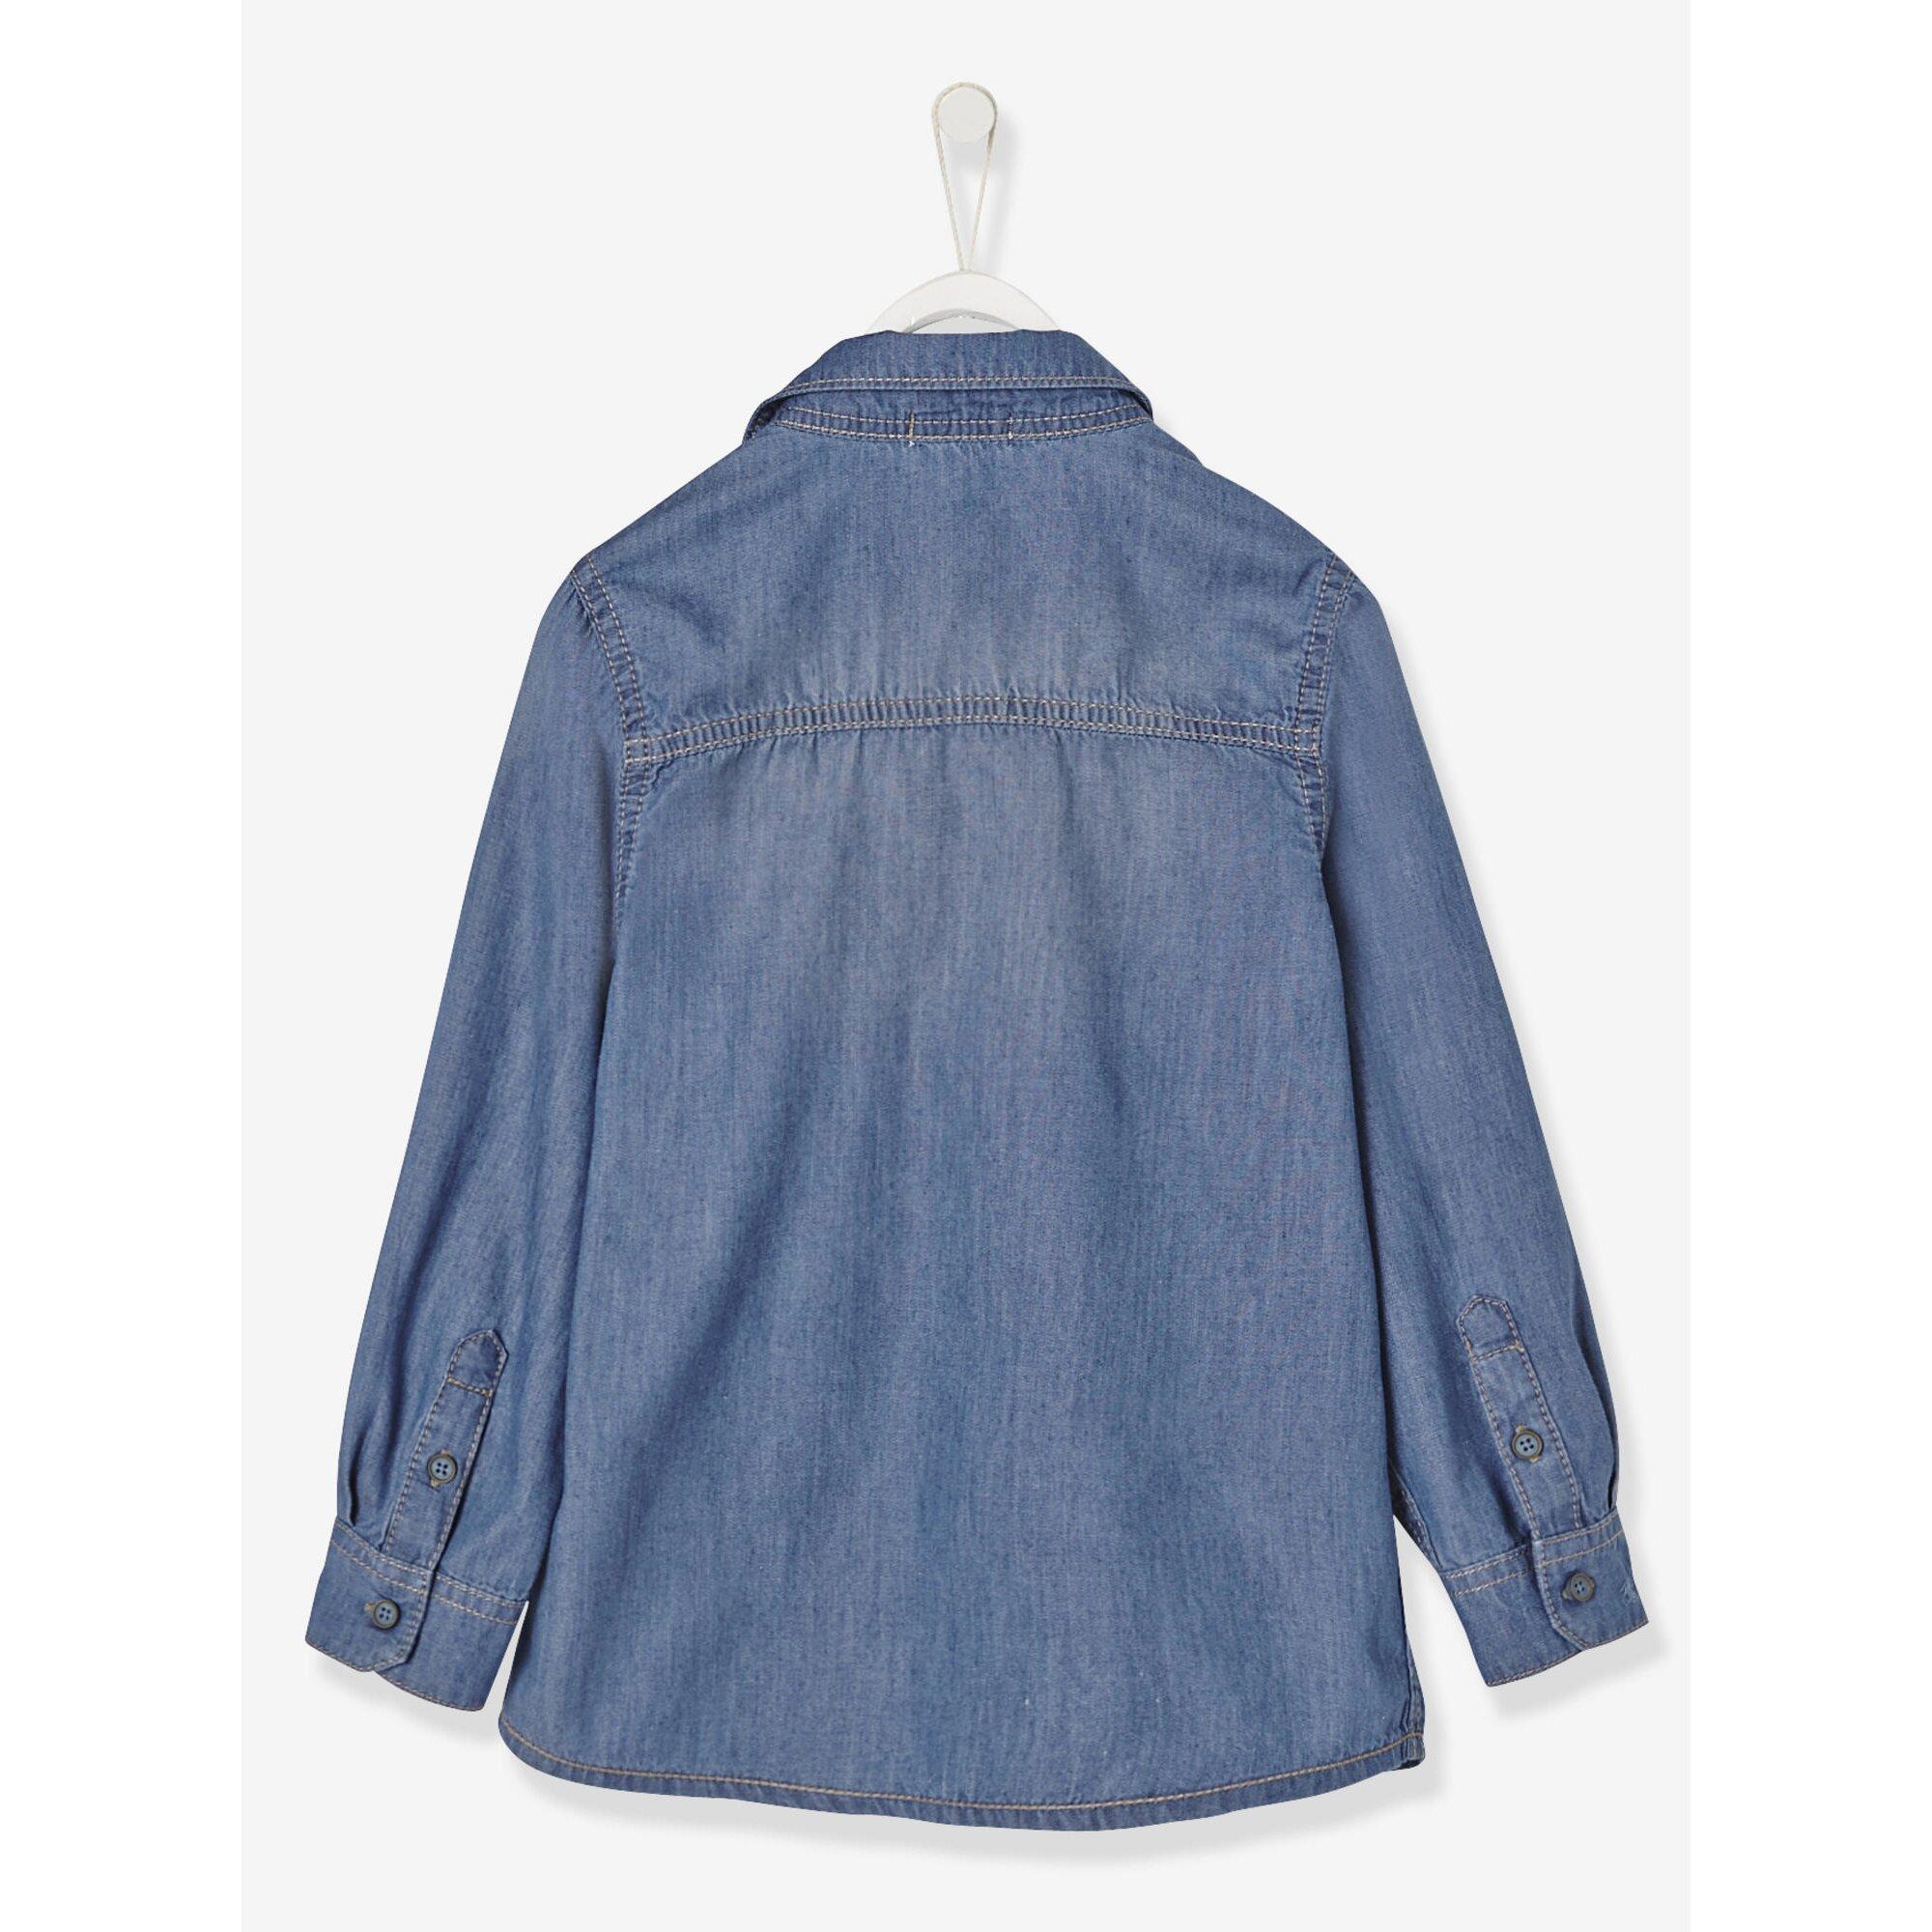 vertbaudet-jeanshemd-fur-jungen, 23.99 EUR @ babywalz-de